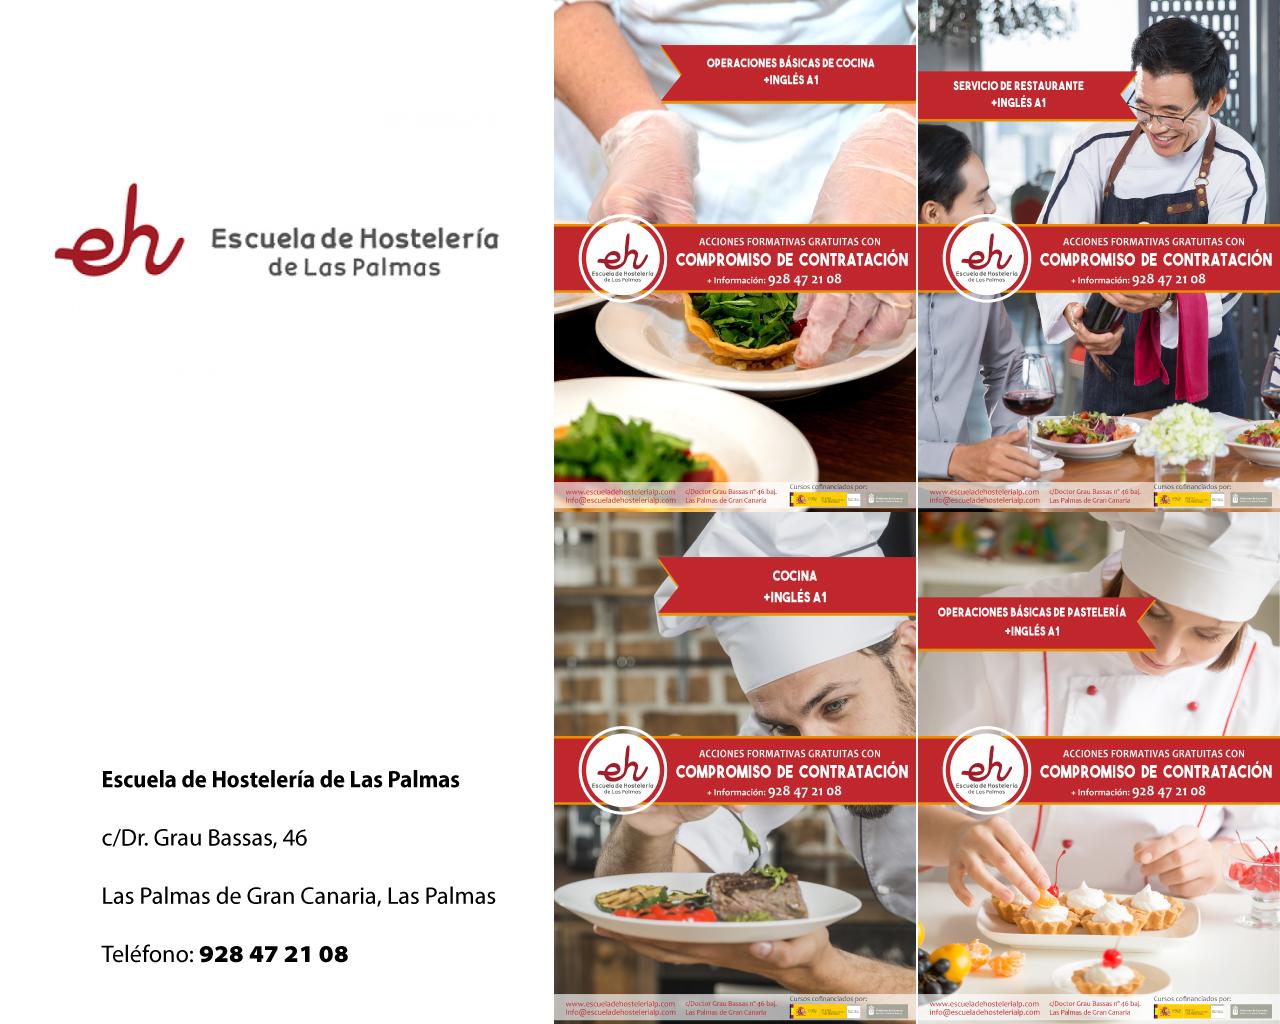 Nuevos cursos de formación con compromiso de contratación en la Escuela de Hostelería de Las Palmas